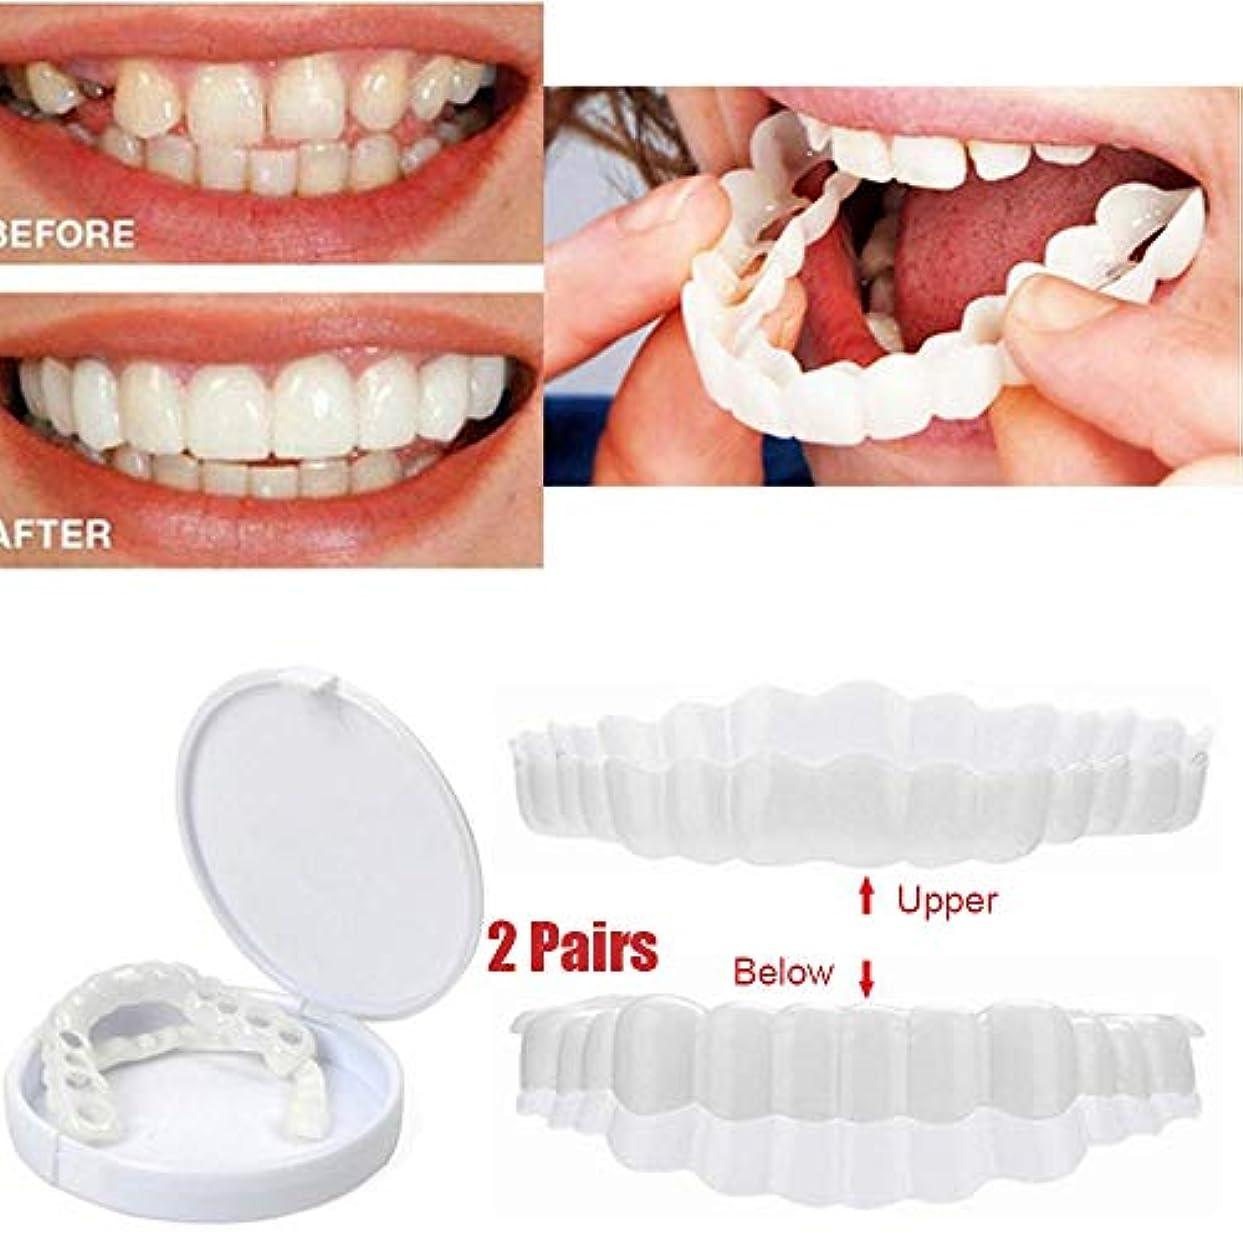 複製する刺します問い合わせる白くなるベニヤ歯美容メイクアップ歯快適で柔軟な歯のケアケア自信を持って笑顔黄色い歯悪い歯ホワイトニングオーラルケア(2ペア)